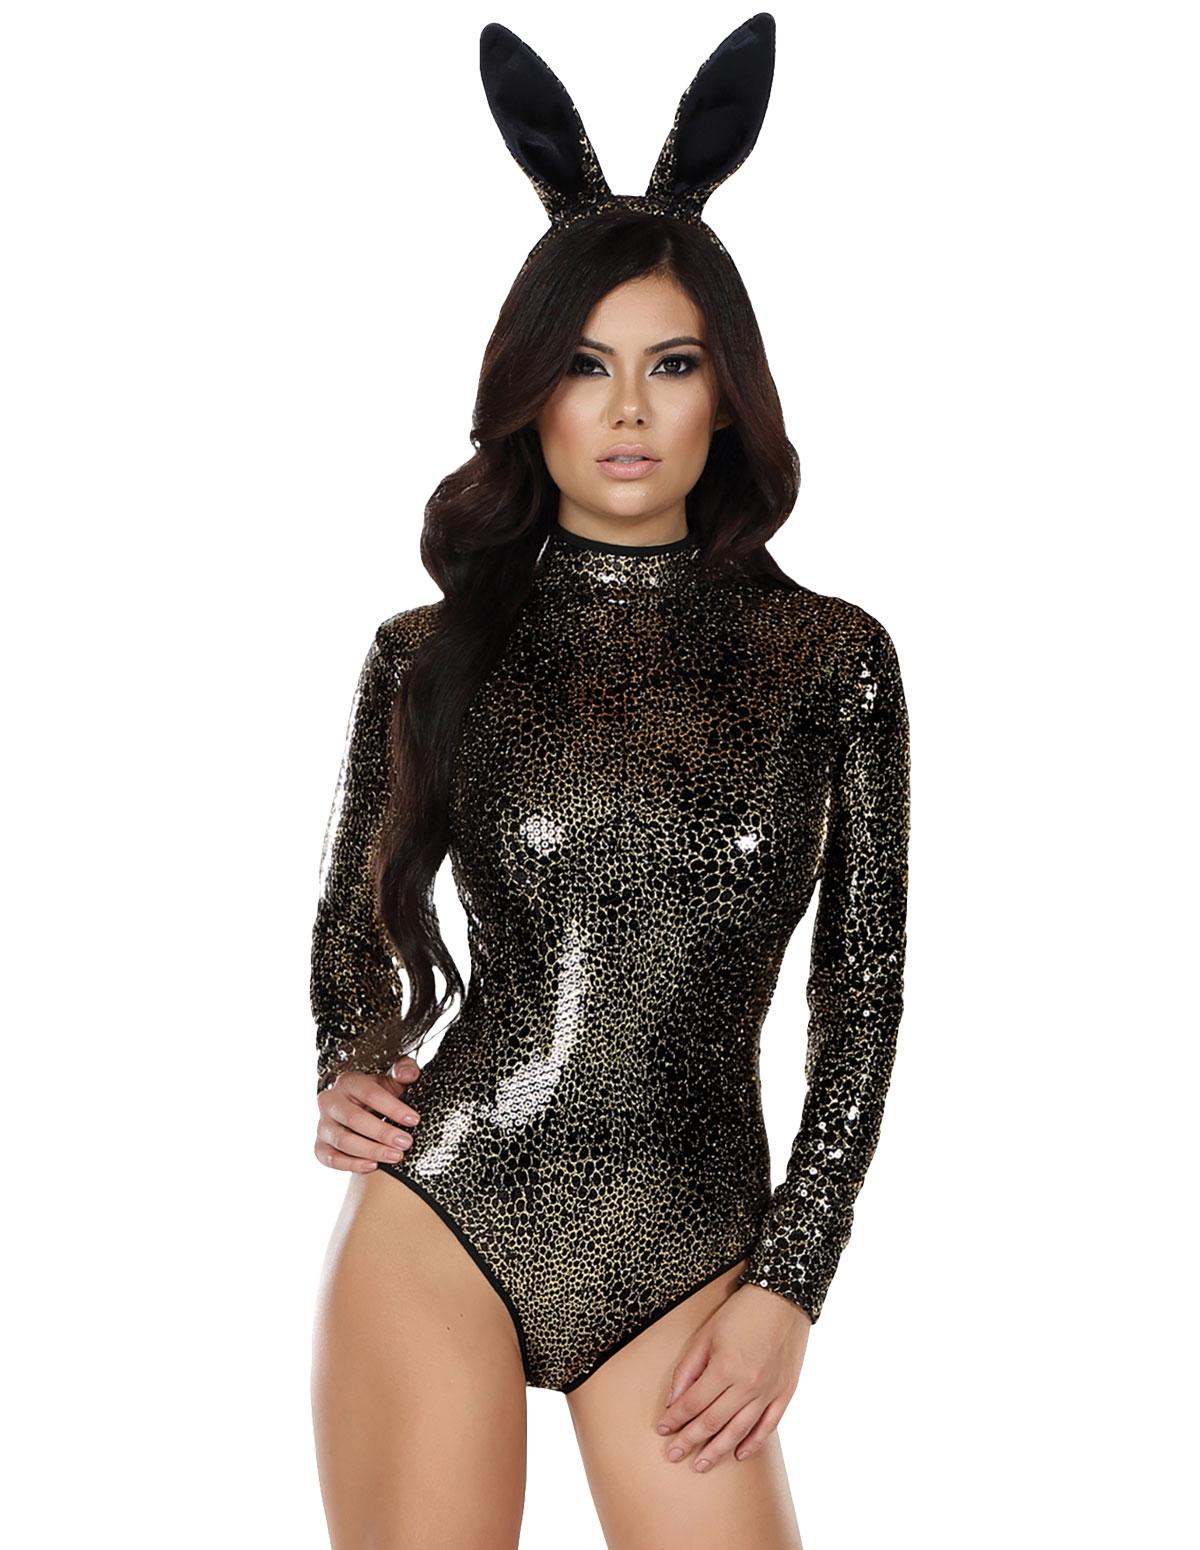 Lux Bunny Costume